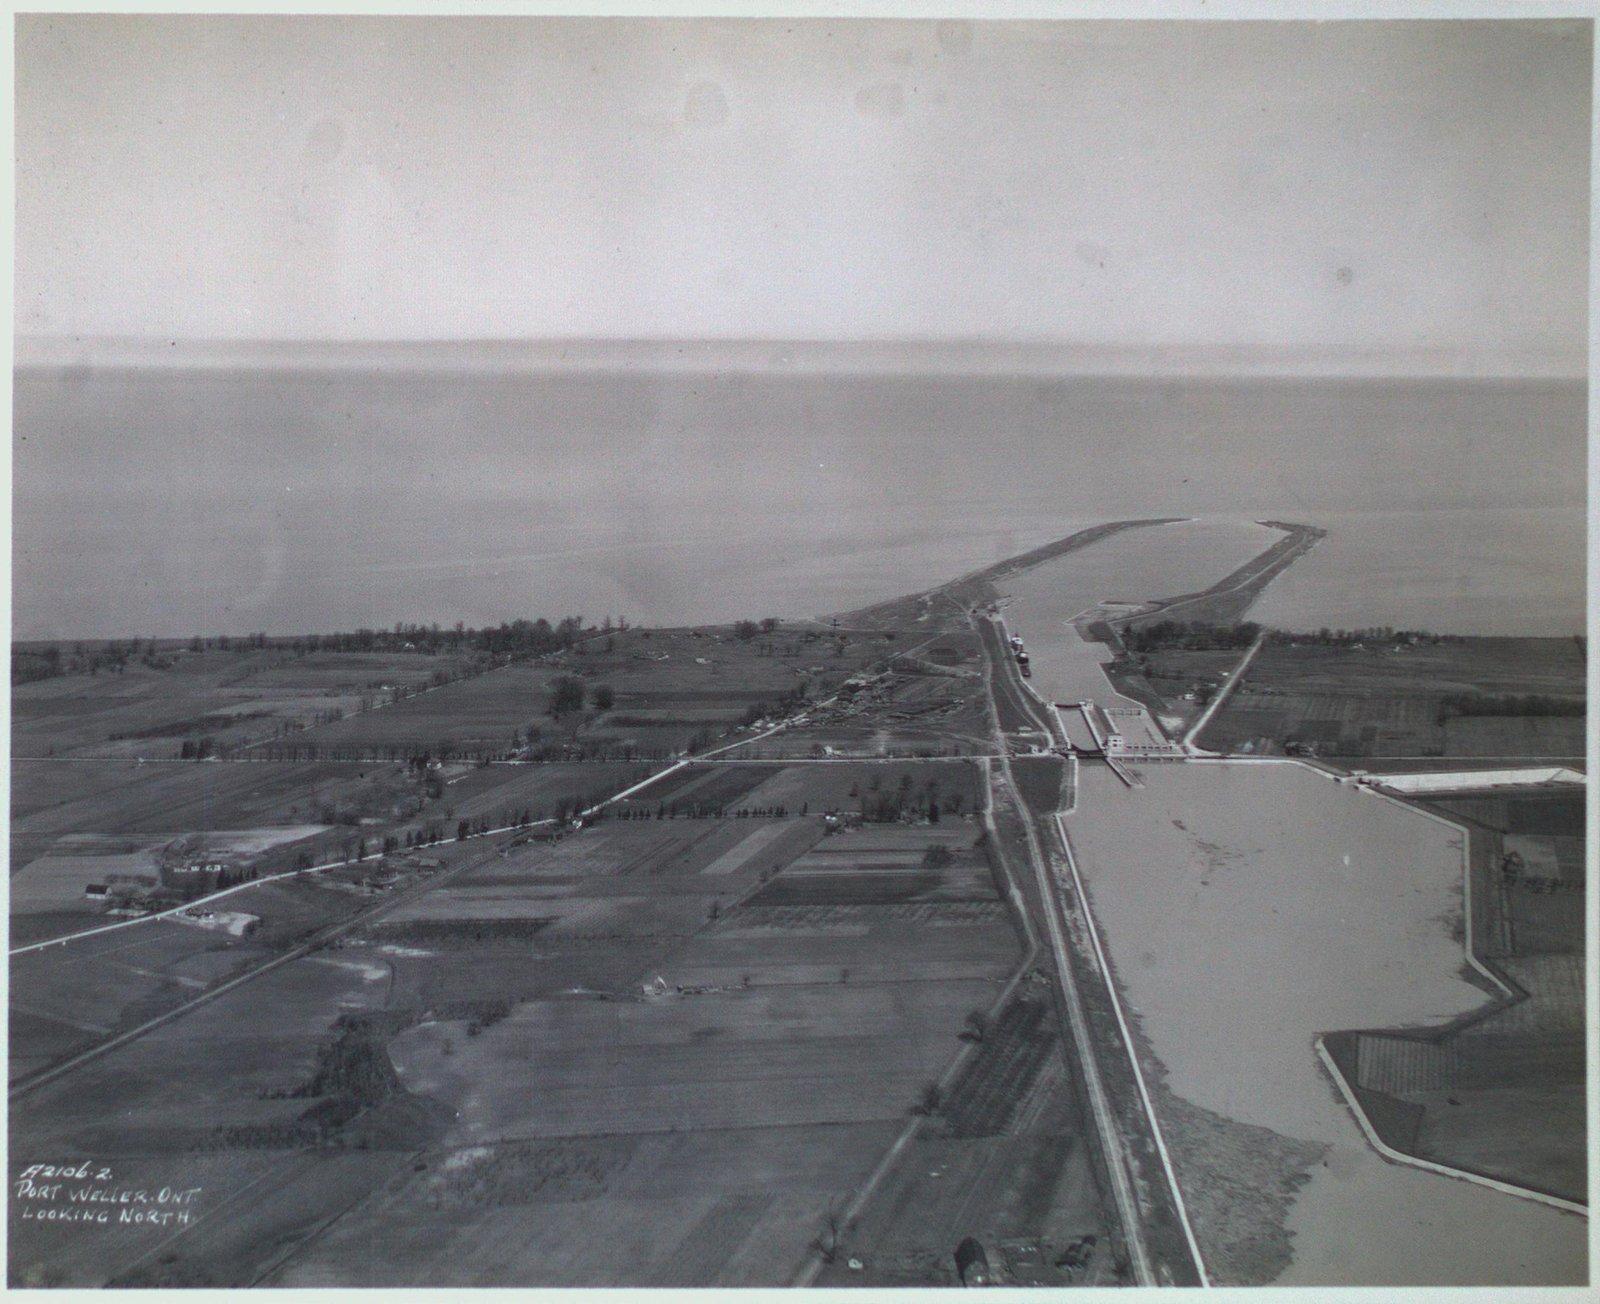 Port Weller Looking North